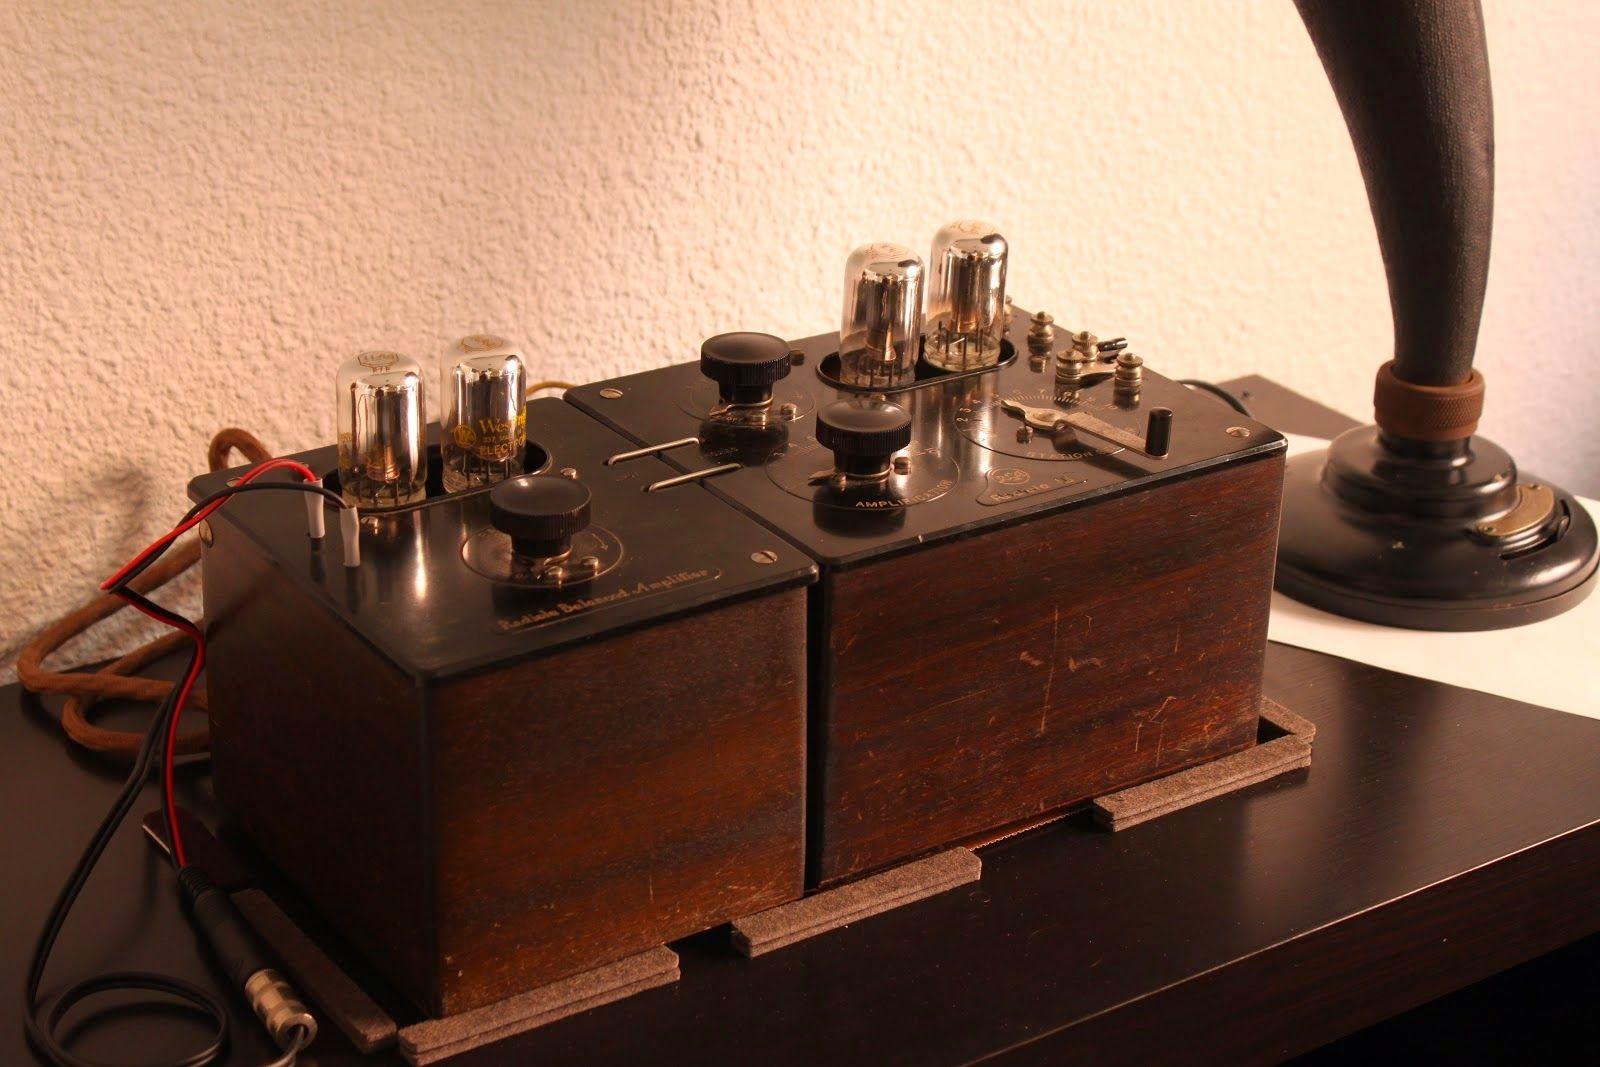 La Radio Invento que se valió del aporte de diferentes científicos de diferentes paises a fines del siglo XIX: como el ruso Aleksandr Stepánovich Popov; Nikola Tesla en Estados Unidos y Guillermo Marconi en el Reino Unido.